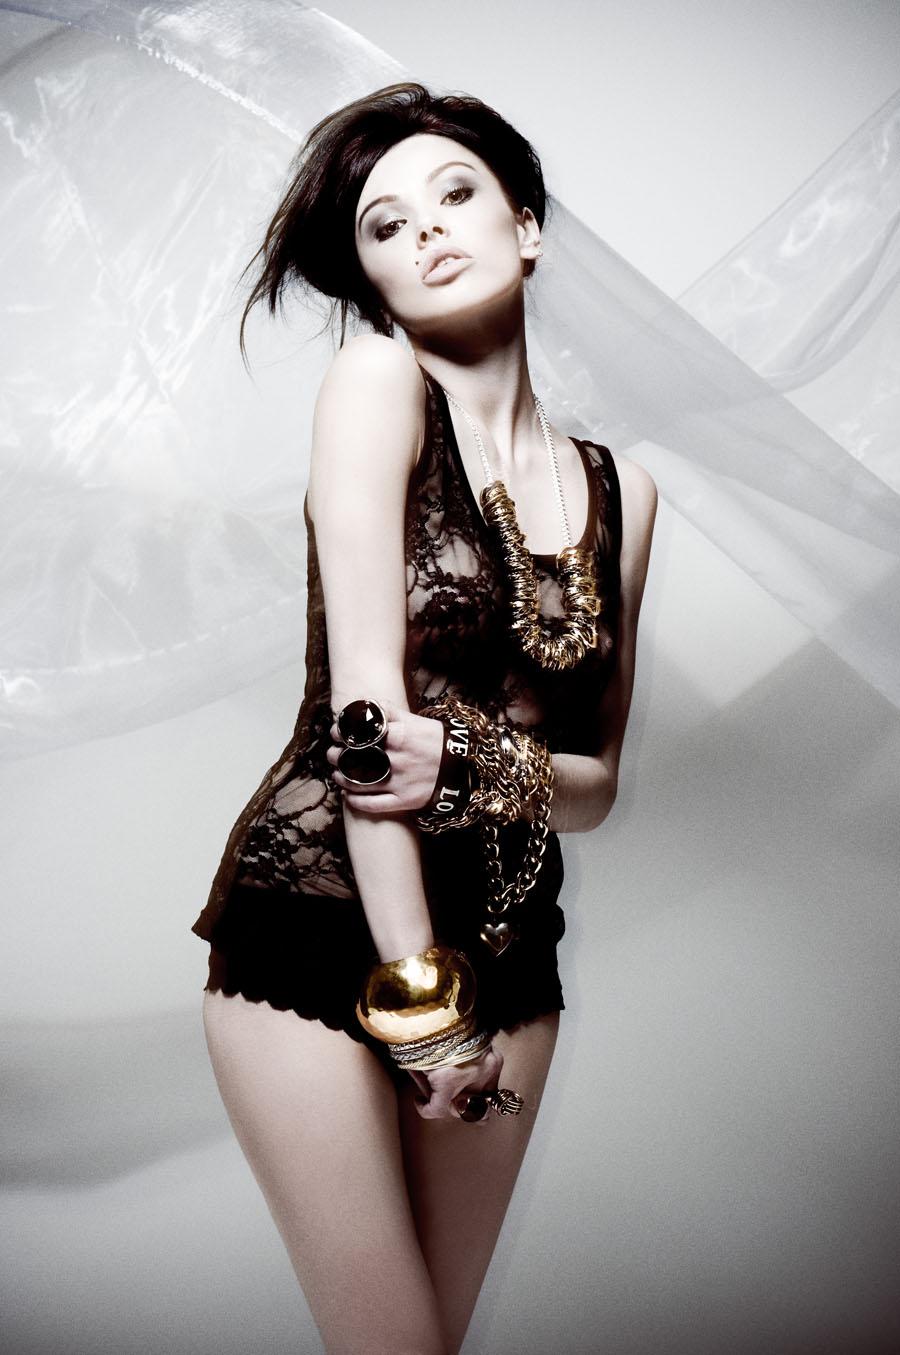 Digitalminx.com - Models - Vikki Blows - Page 1